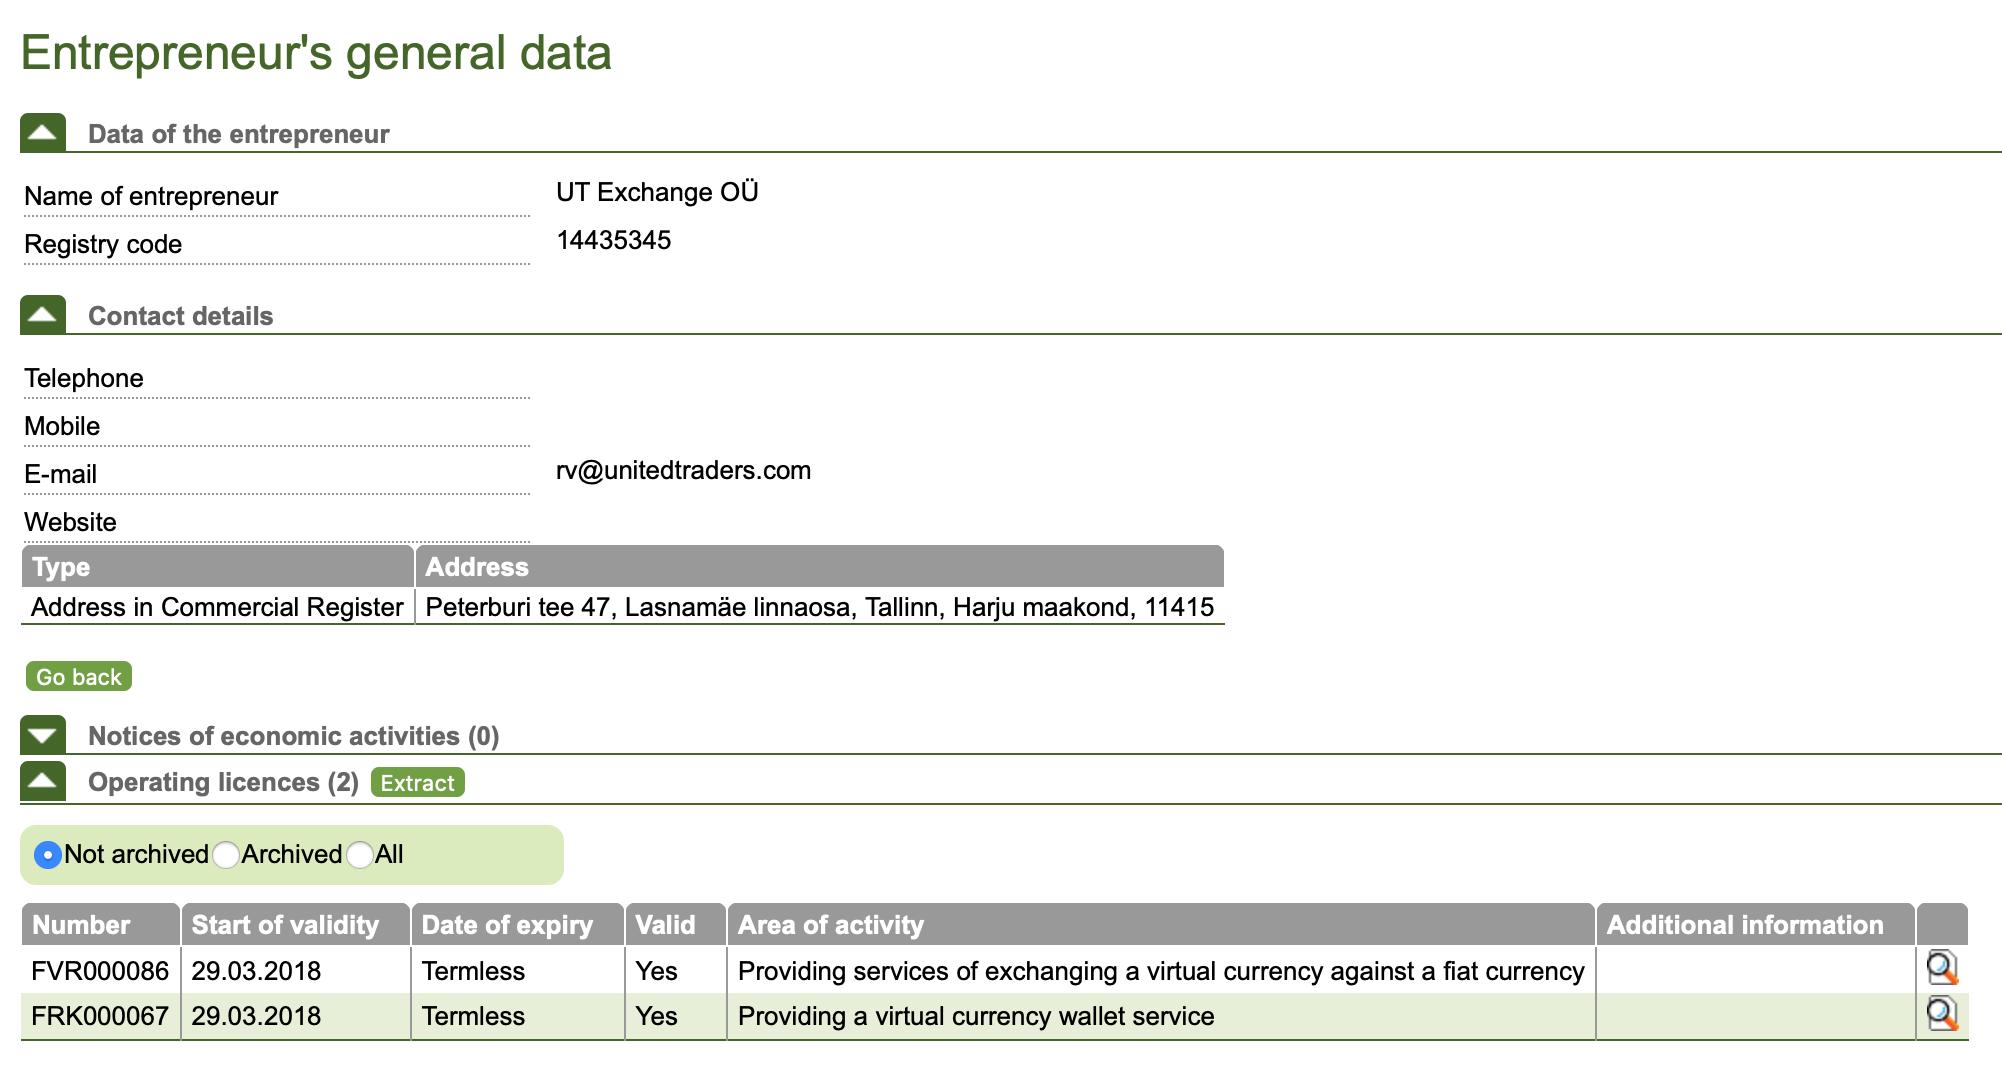 Записи о лицензиях эстонского юрлица на сайте местного регулятора. Лицензии на брокерскую деятельность нет